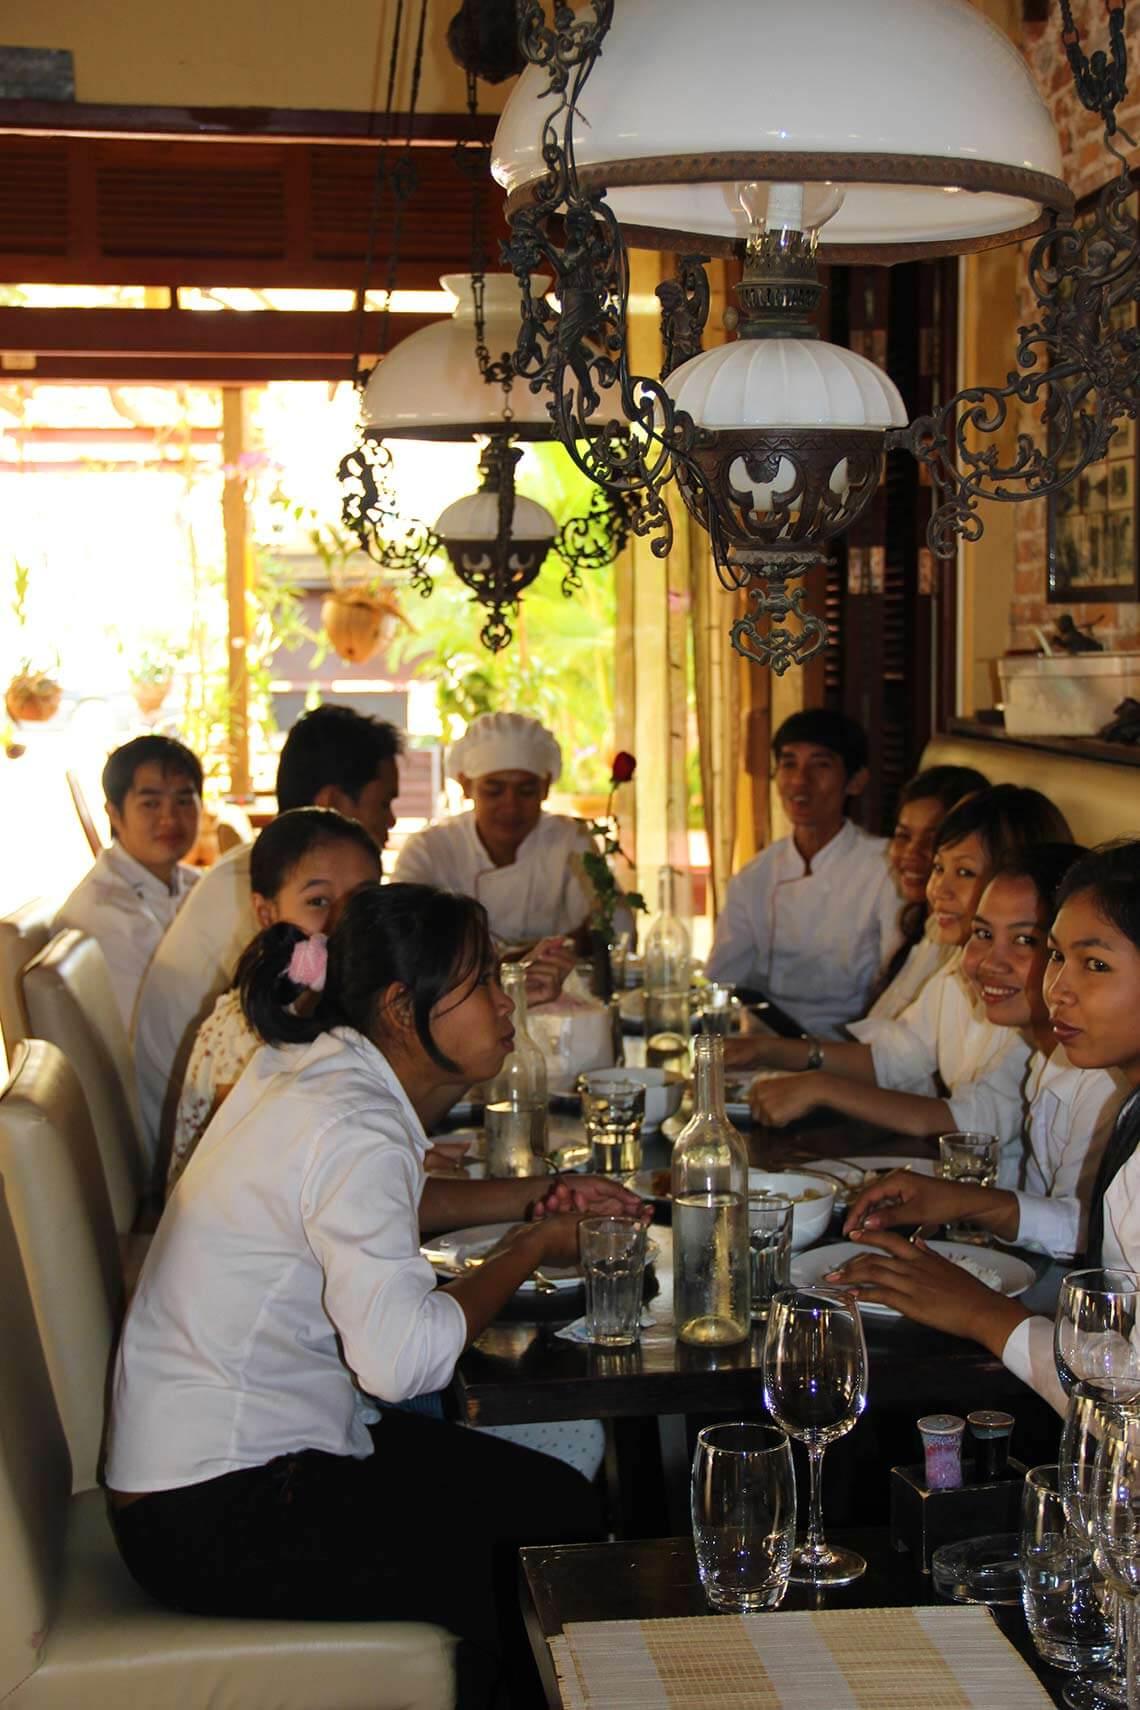 Teambesprechung Restaurant Siem Reap